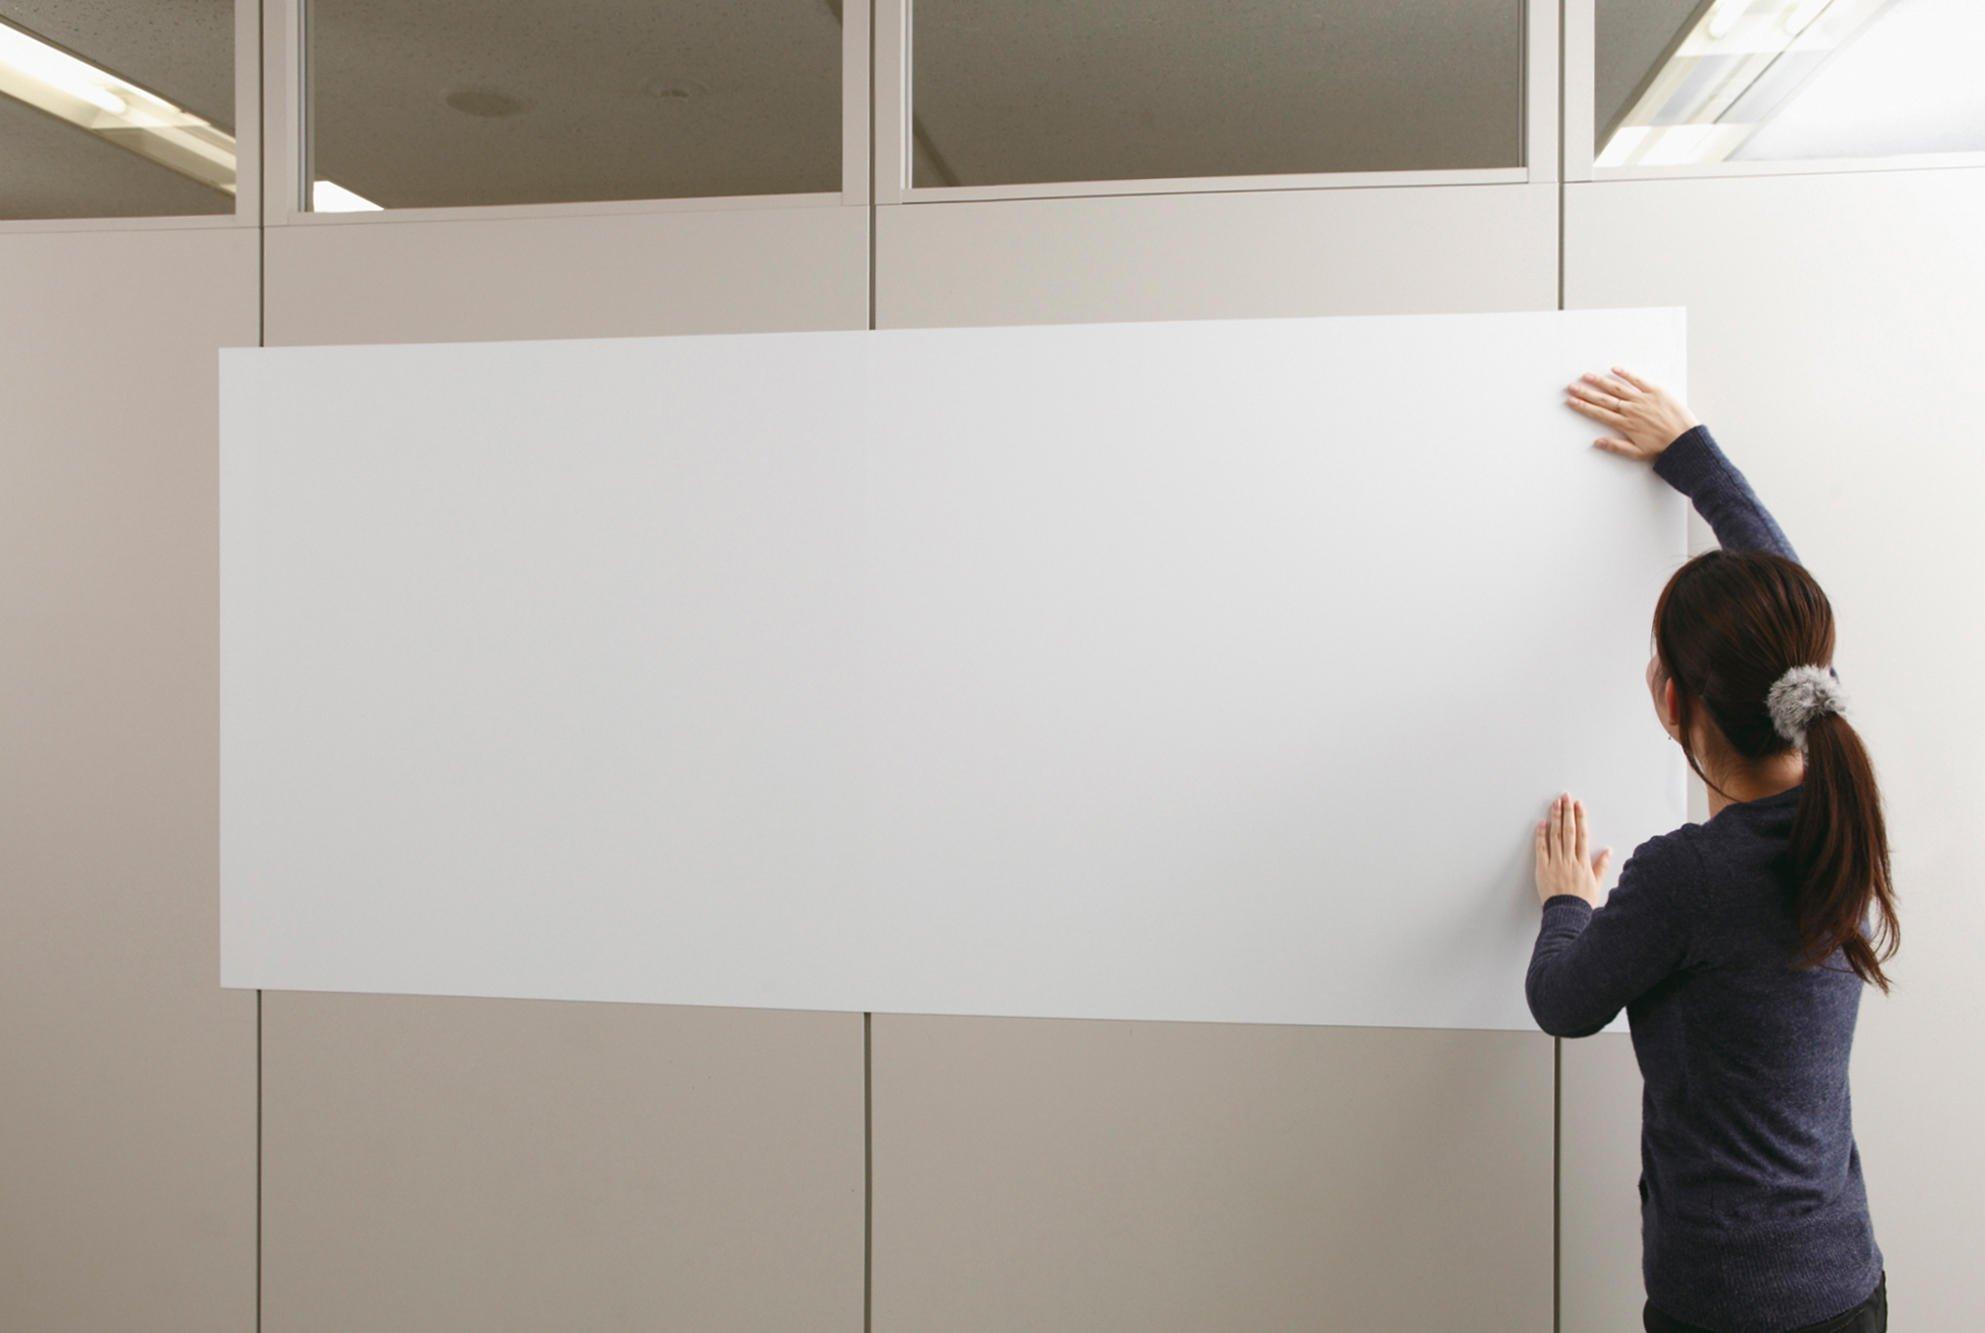 3m-tm-magnetic-whiteboard-film